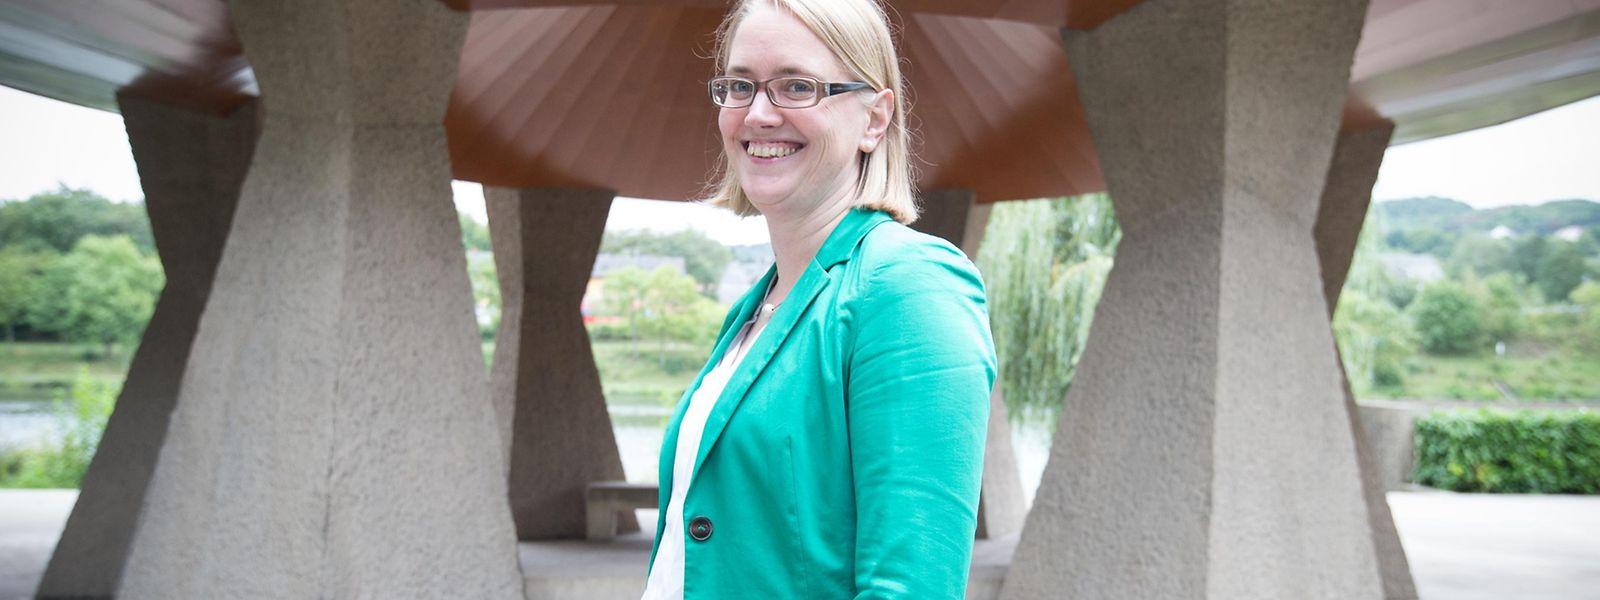 Seit September 2013 ist Birte Nienaber Professorin für Politische Geografie an der Universität Luxemburg.